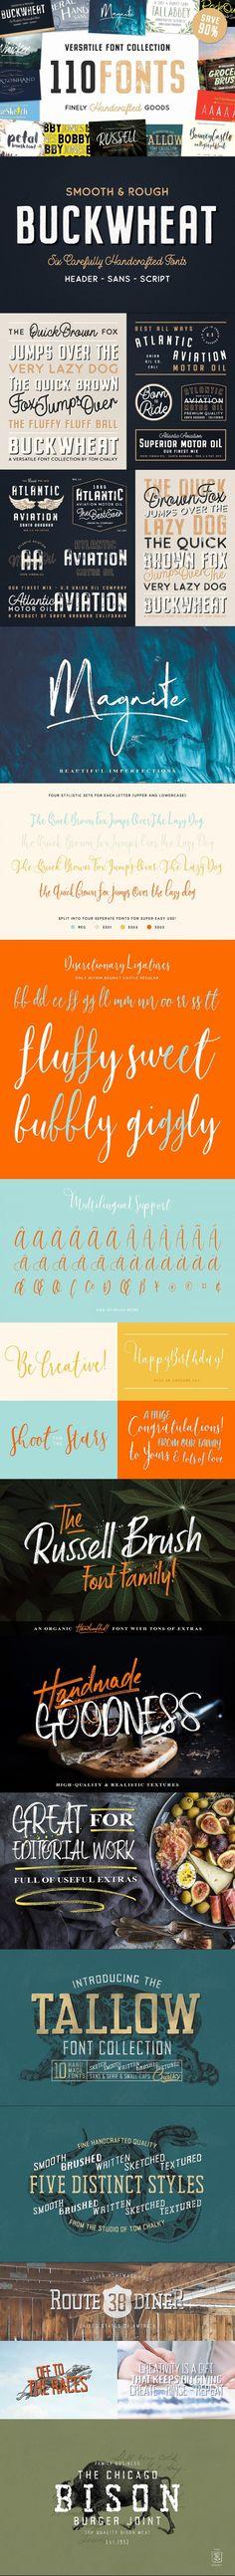 The Ultimate Handcrafted Fonts Pack #handmadefonts #logo #truetypefont #otf #autumn #handlettering #otf #typeface #design #vintage #elegant #opentypefont #truetype #fonts #VintageFont #script #otf #summer #sanserif Calligraphy Fonts, Typography Fonts, Typography Design, Hand Lettering, Truetype Fonts, Fashion Logos, Font Packs, Font Design